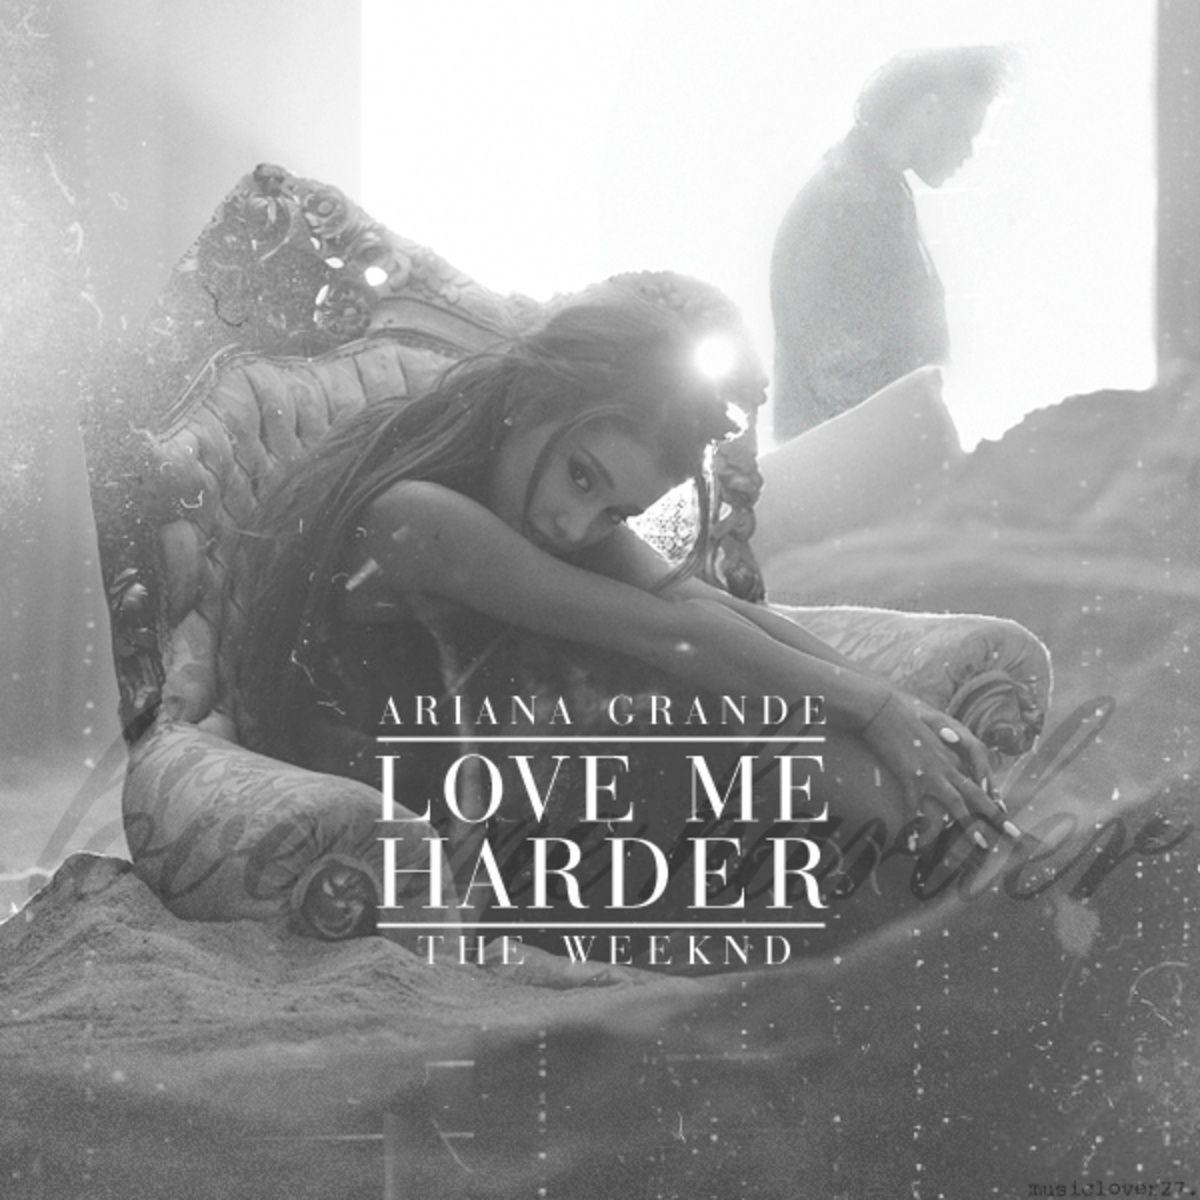 Ariana Grande - Love Me Harder (Alex Ghenea Remix)